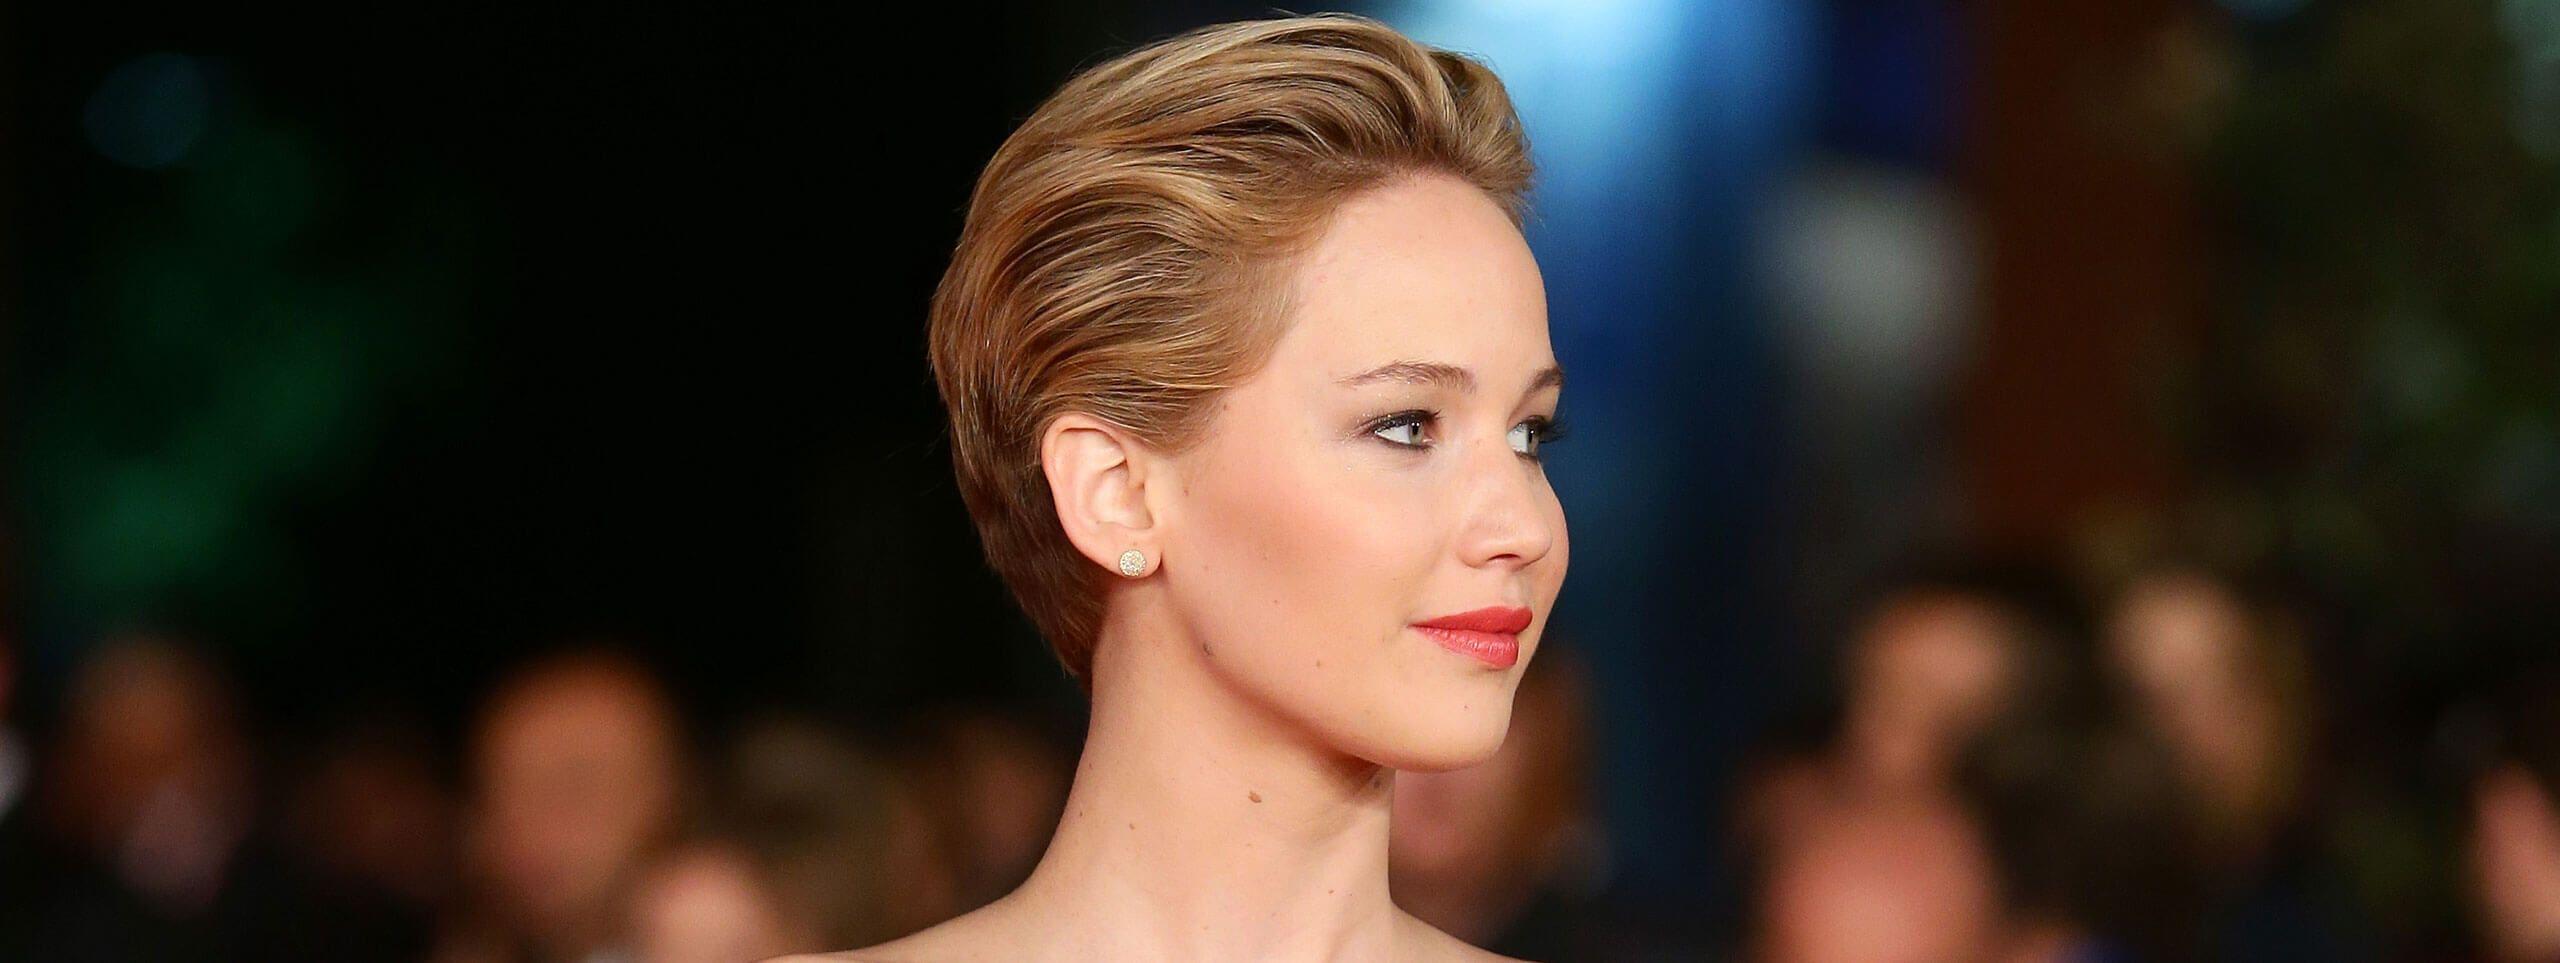 Jennifer Lawrence z krótkimi włosami zaczesanymi do tyłu